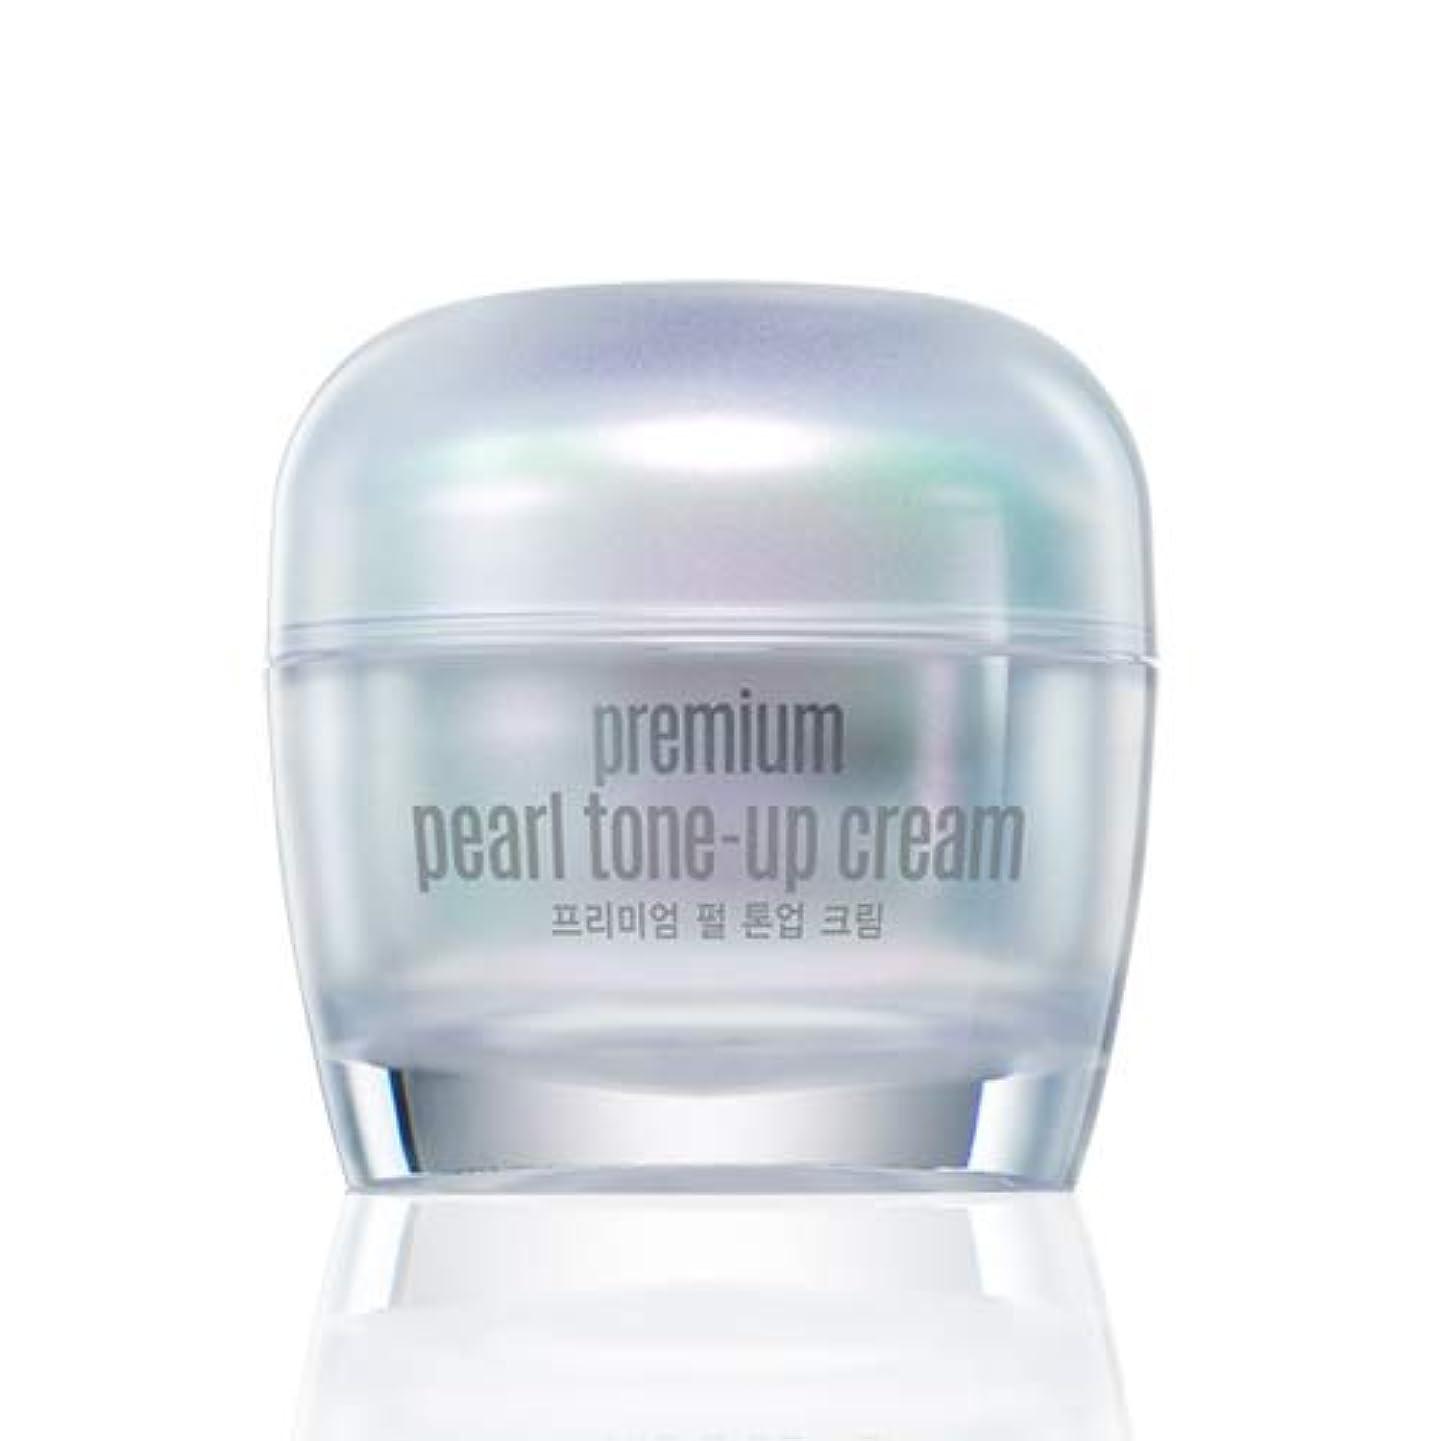 辛な磁気手入れグーダル プレミアム パール トーンアップ クリーム50ml Goodal Premium Pearl Tone-up Cream [並行輸入品]